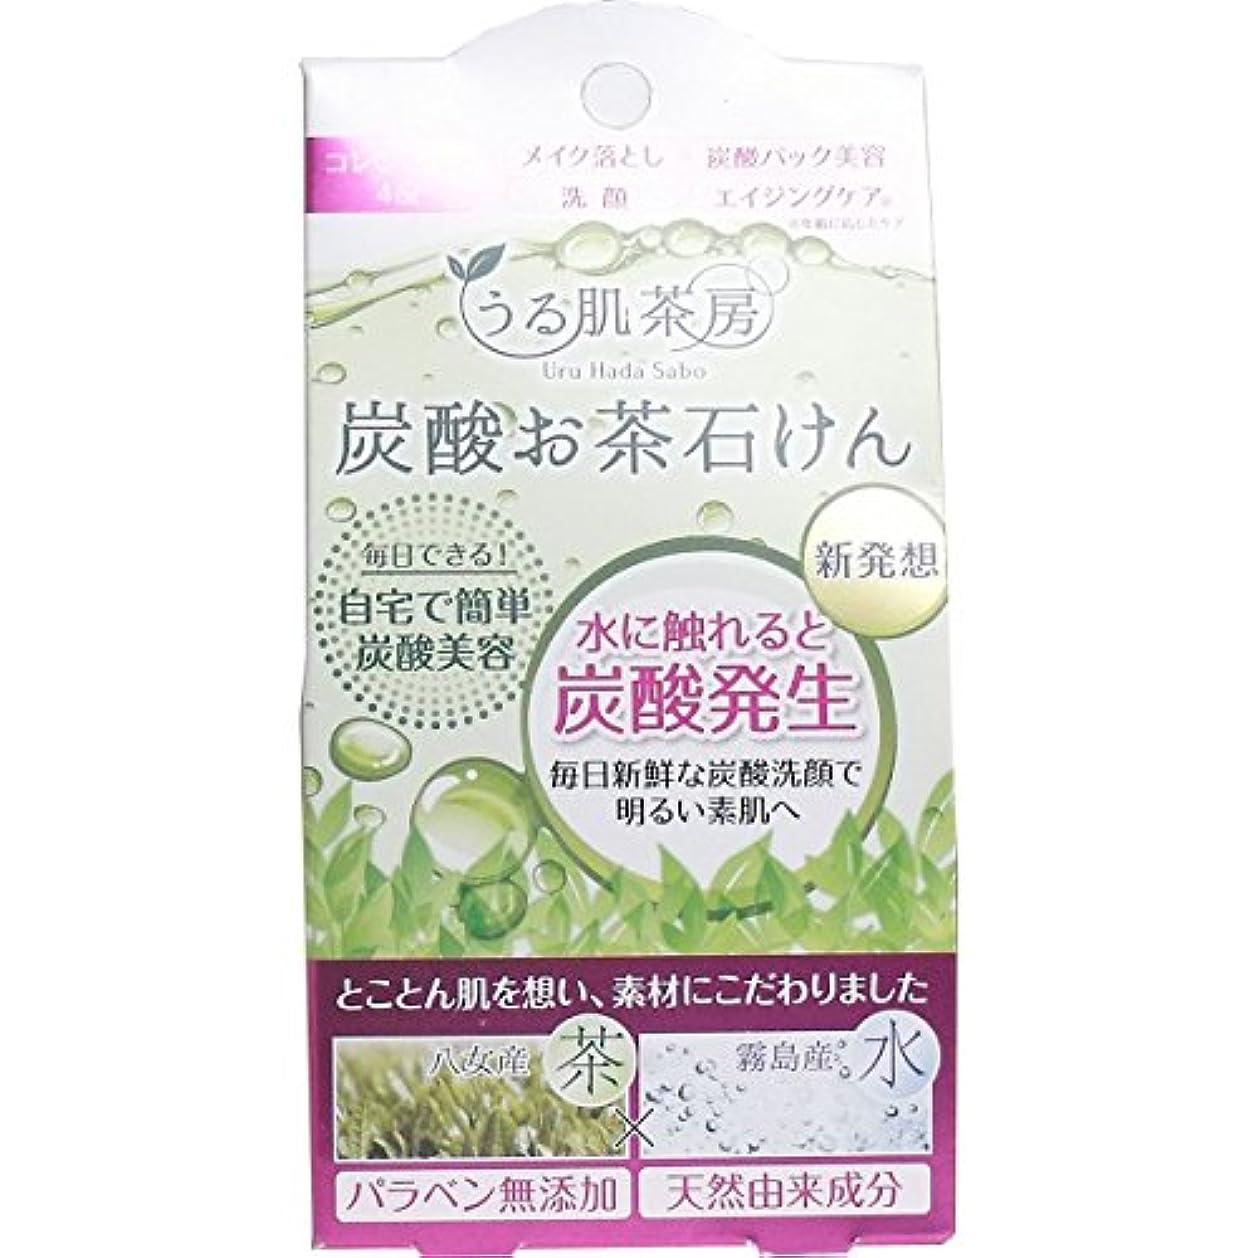 イノセンス欠員放つうる肌茶房 炭酸お茶石鹸 (スパークリングソープ)